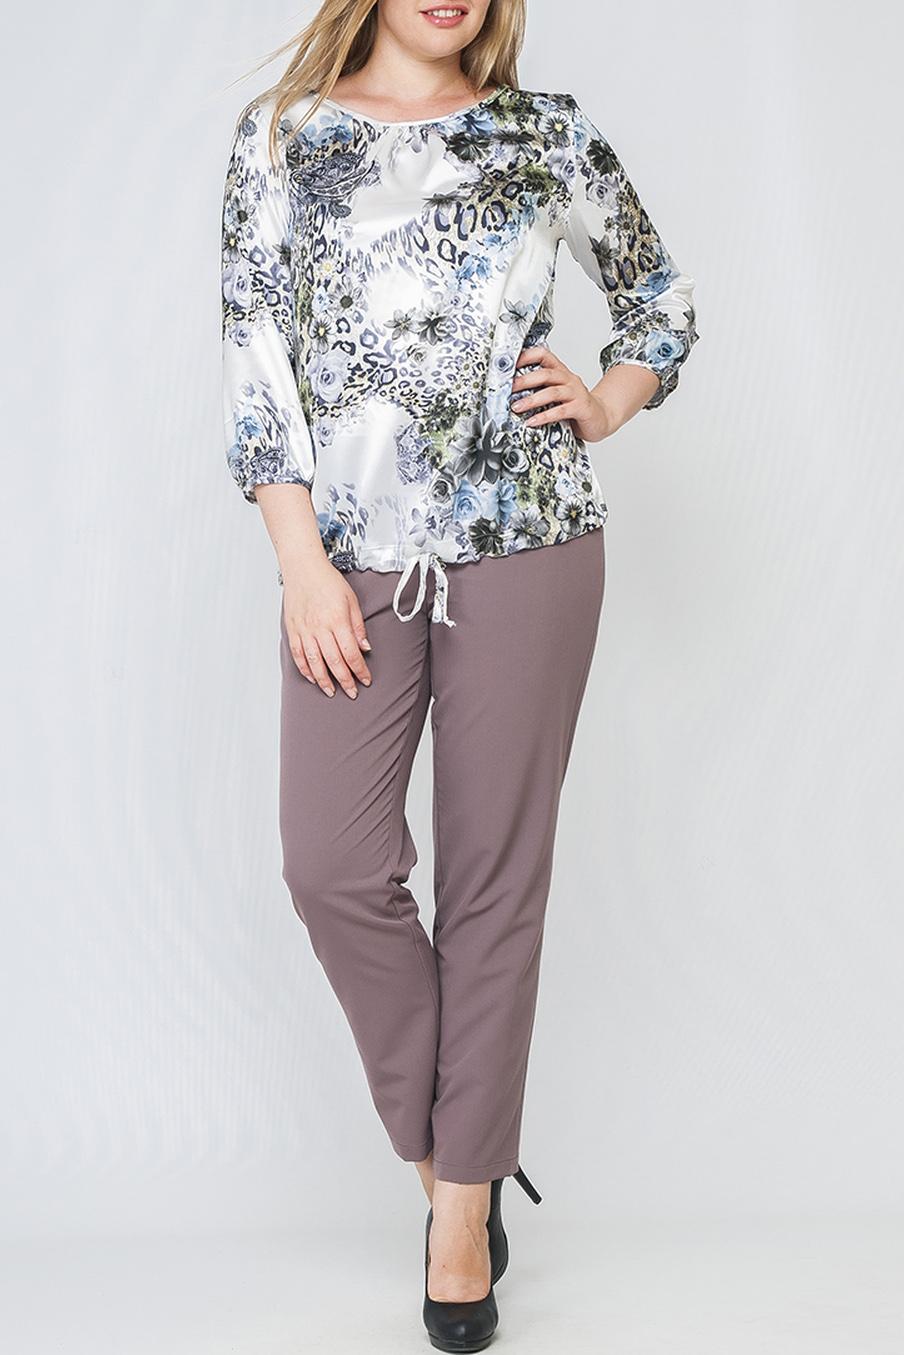 БлузкаБлузки<br>Стильная женская блуза с нежным леопардо-цветочным принтом. Модель свободного силуэта из легкого атласного материала, имеет круглый вырез горловины и рукав 3/4, низ изделия с кулиской, завязками вы можете регулировать прилегание на свой вкус. Такая блуза будет отличным выбором для создания женственного образа на каждый день.  Параметры изделия:  44 размер: обхват по линии груди 100 см, обхват по линии бедер 110 см, длина изделия - 61,5 см, длина рукава - 50 см;  52 размер: обхват по линии груди 116 см, обхват по линии бедер 126 см, длина изделия - 66 см, длина рукава - 50,5 см.  В изделии использованы цвета: белый, голубой, серый  Рост девушки-фотомодели 170 см.<br><br>Горловина: С- горловина<br>По материалу: Шелк<br>По рисунку: Леопард,Растительные мотивы,С принтом,Цветные,Цветочные<br>По сезону: Весна,Зима,Лето,Осень,Всесезон<br>По силуэту: Прямые<br>По стилю: Повседневный стиль<br>Рукав: Рукав три четверти<br>Размер : 42,44,46<br>Материал: Искусственный шелк<br>Количество в наличии: 3